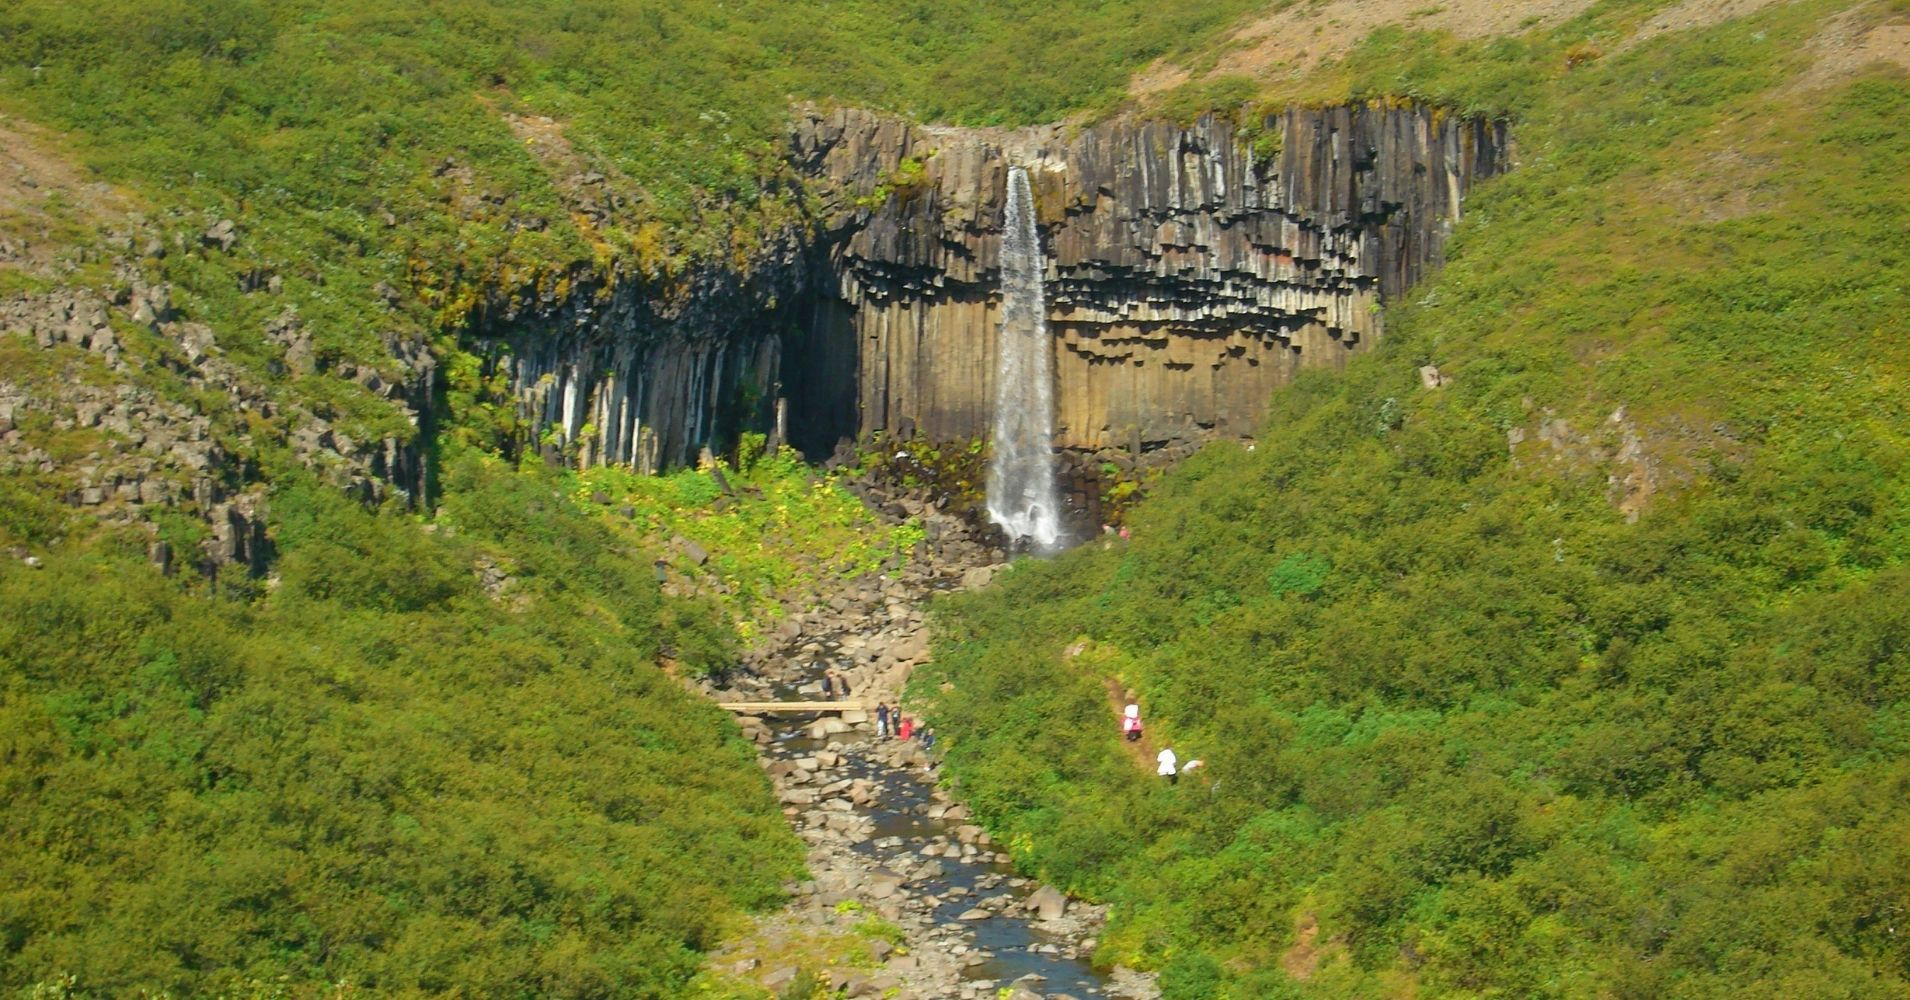 Sendero de Acercamiento a La Cascada Svartifoss. Road Trip por Islandia.